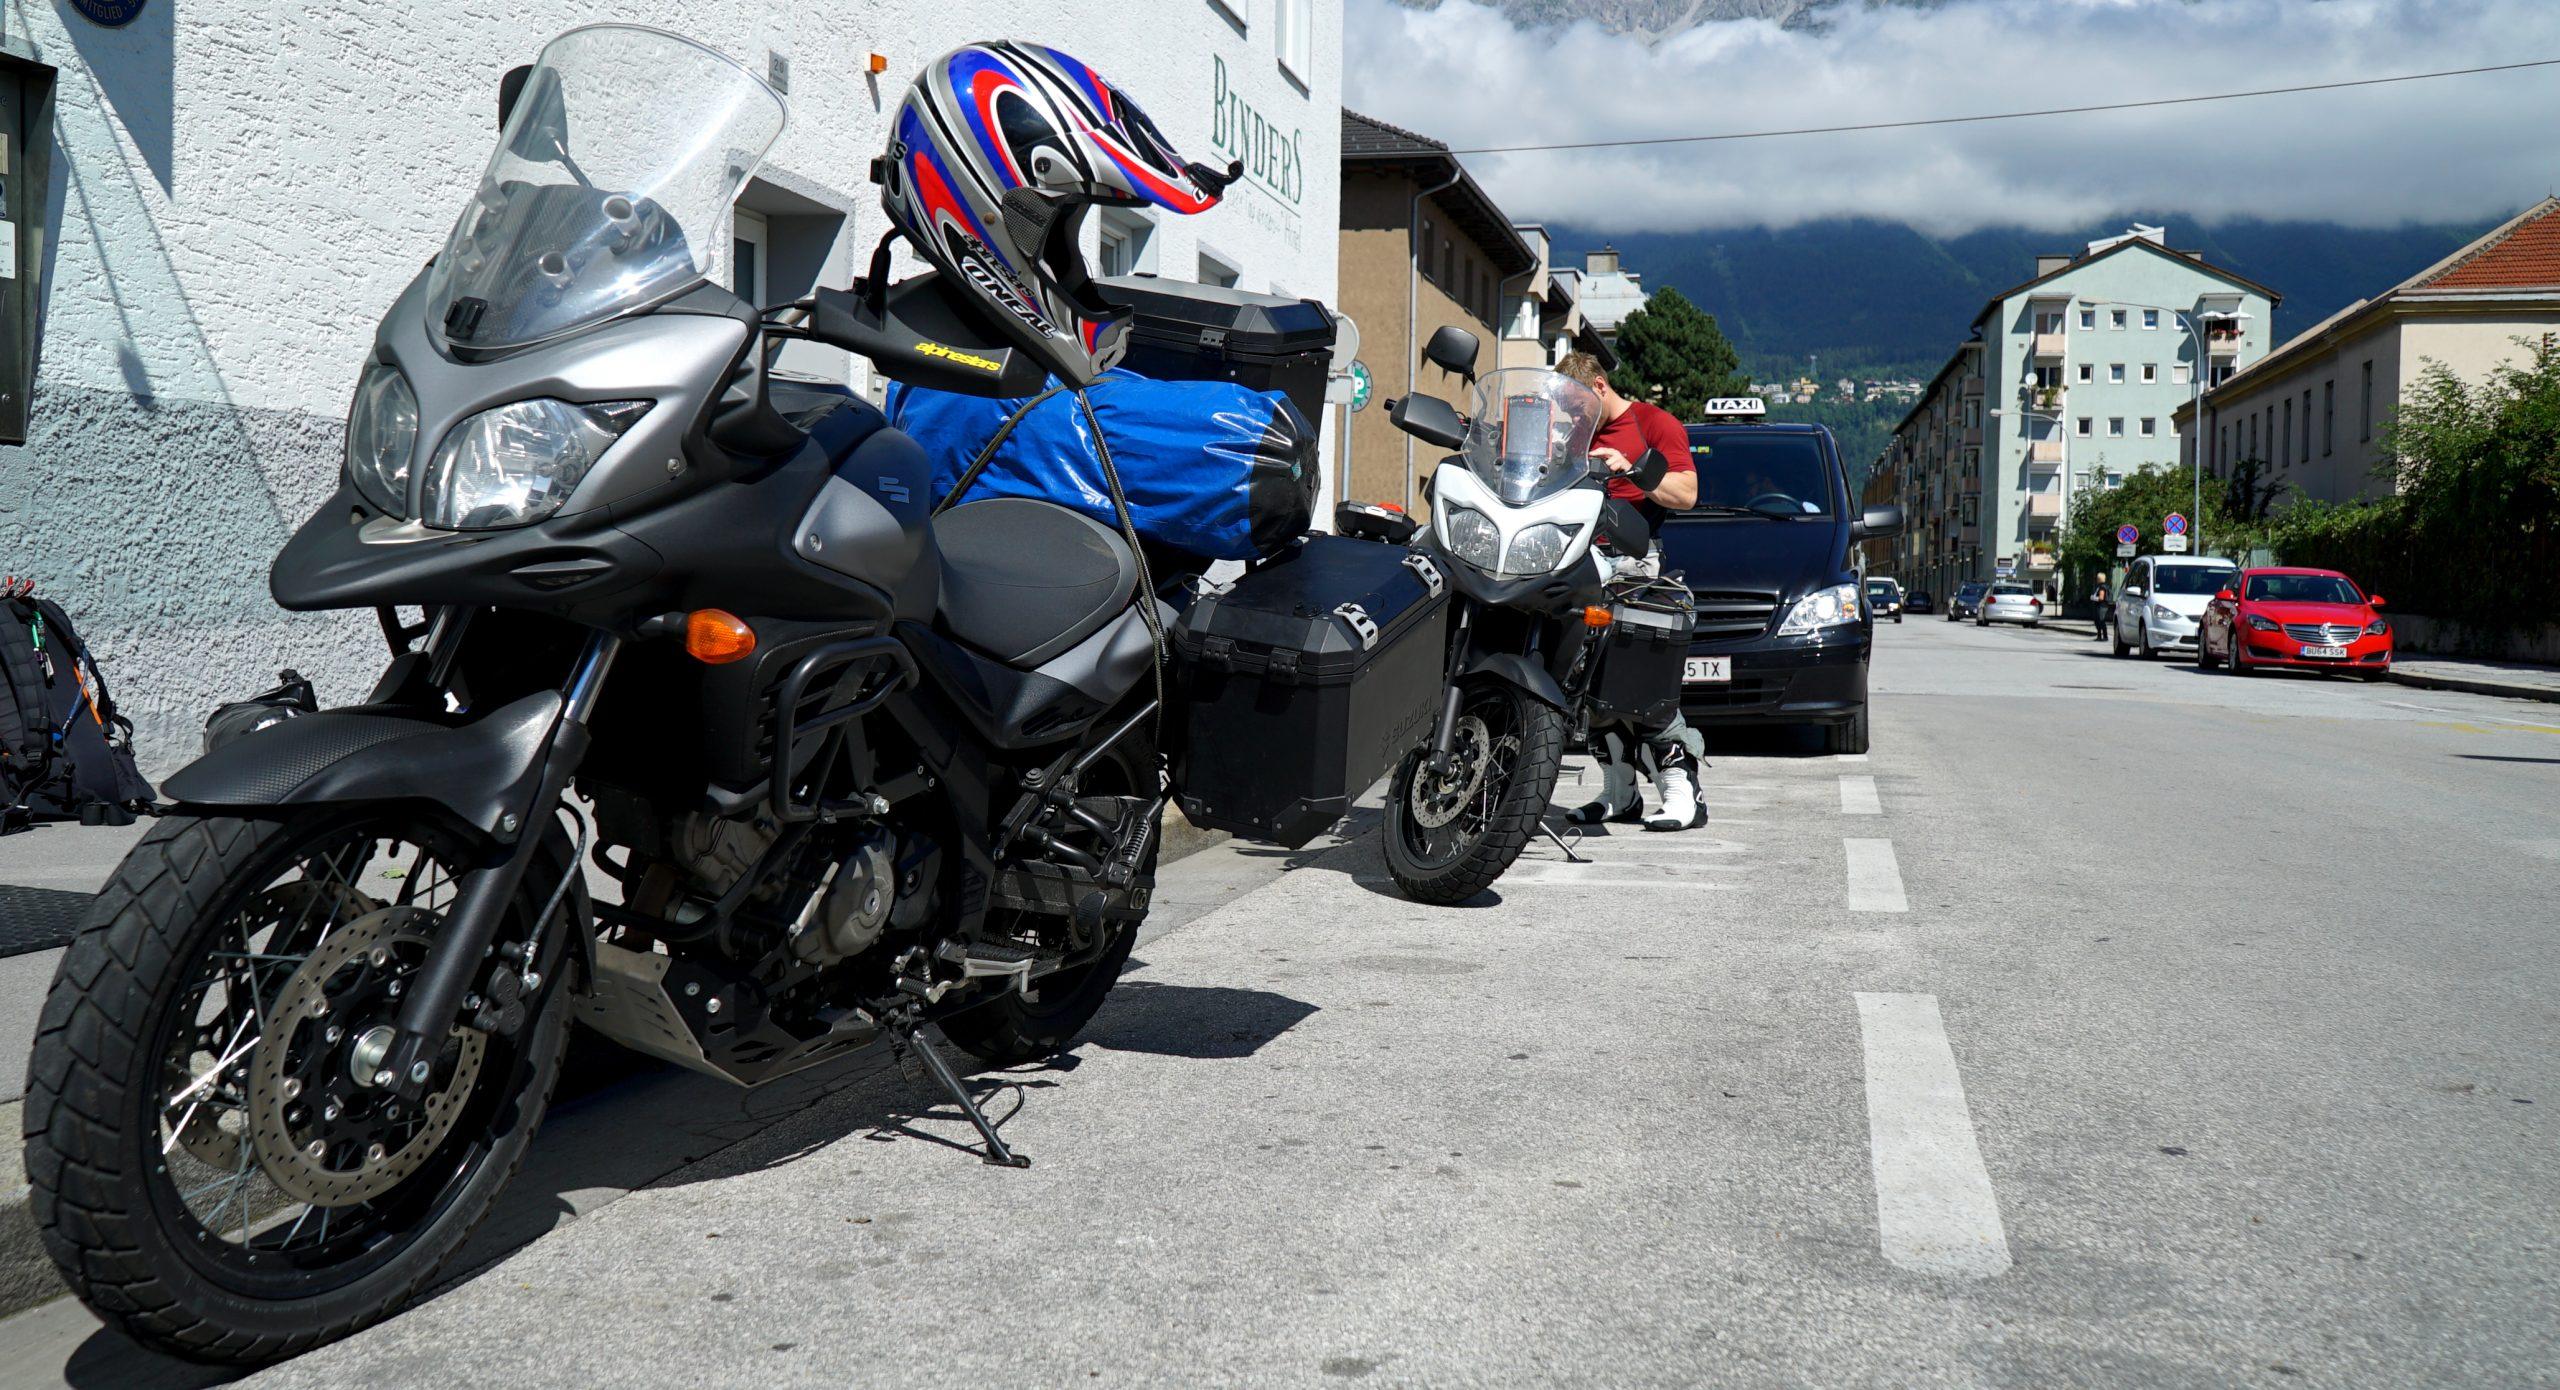 Motorbike event